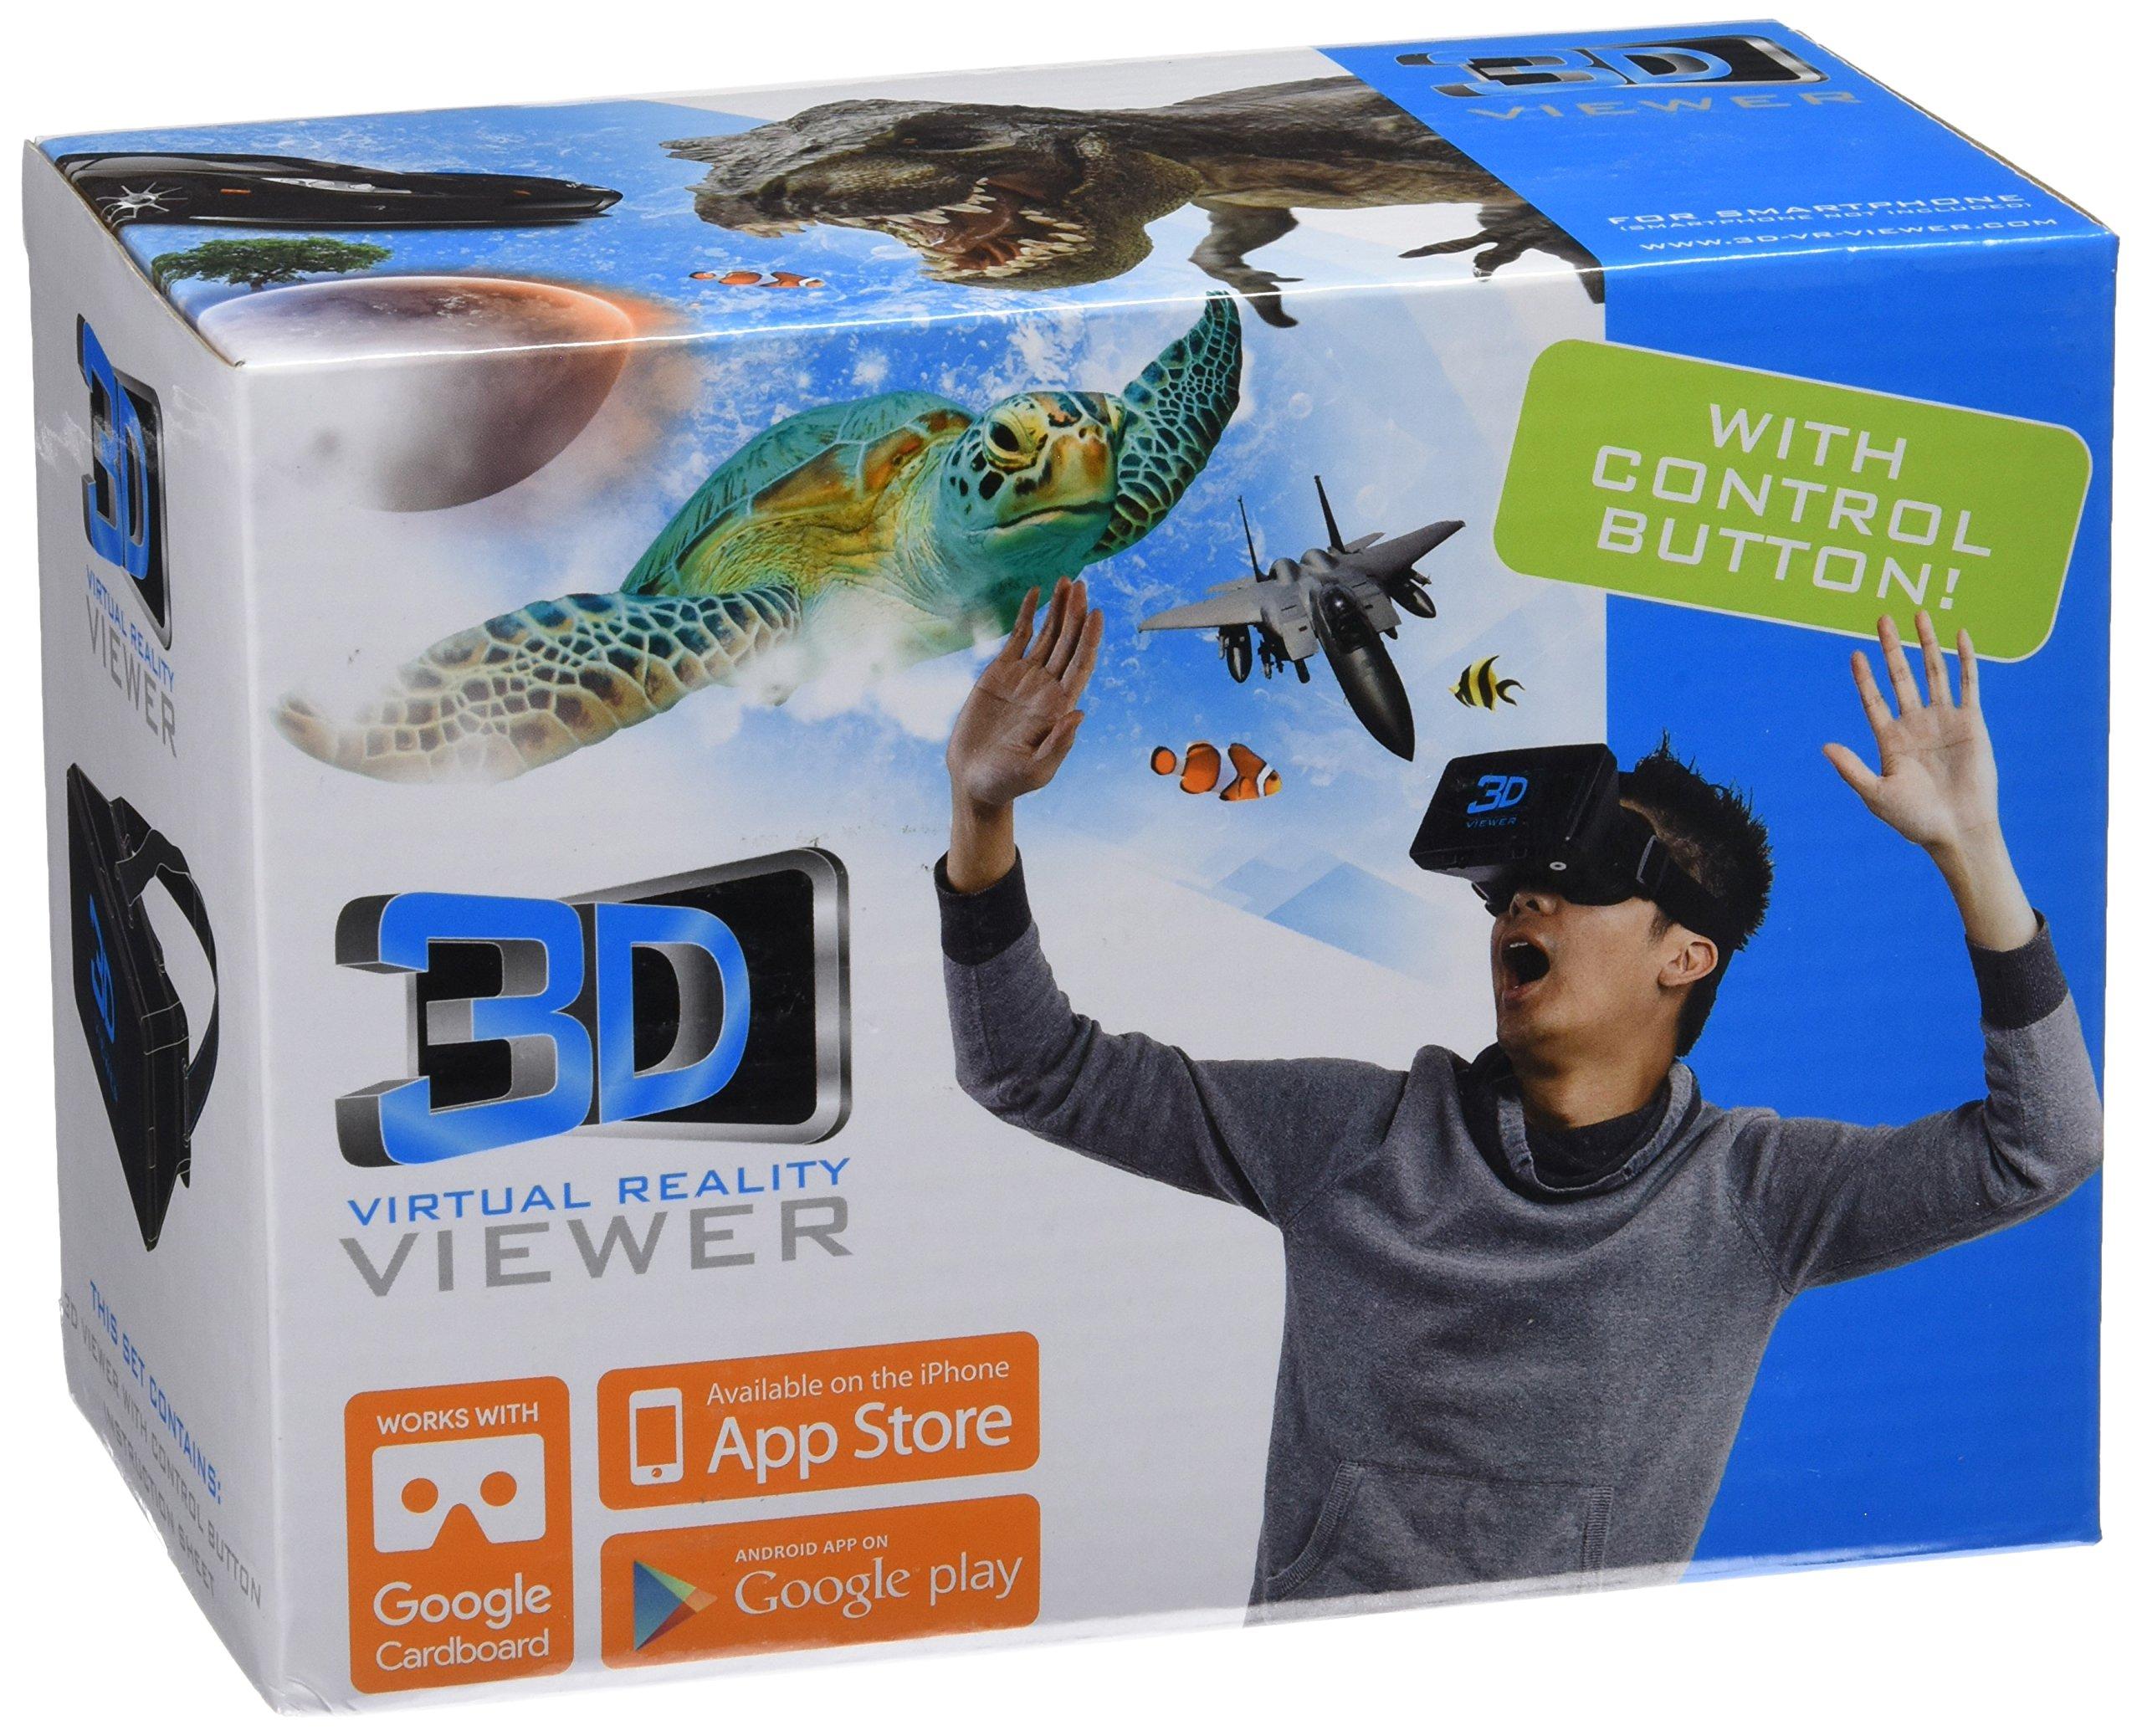 WORLD-BRANDS–3D-Viewer-Lunettes-de-ralit-virtuelle-35032